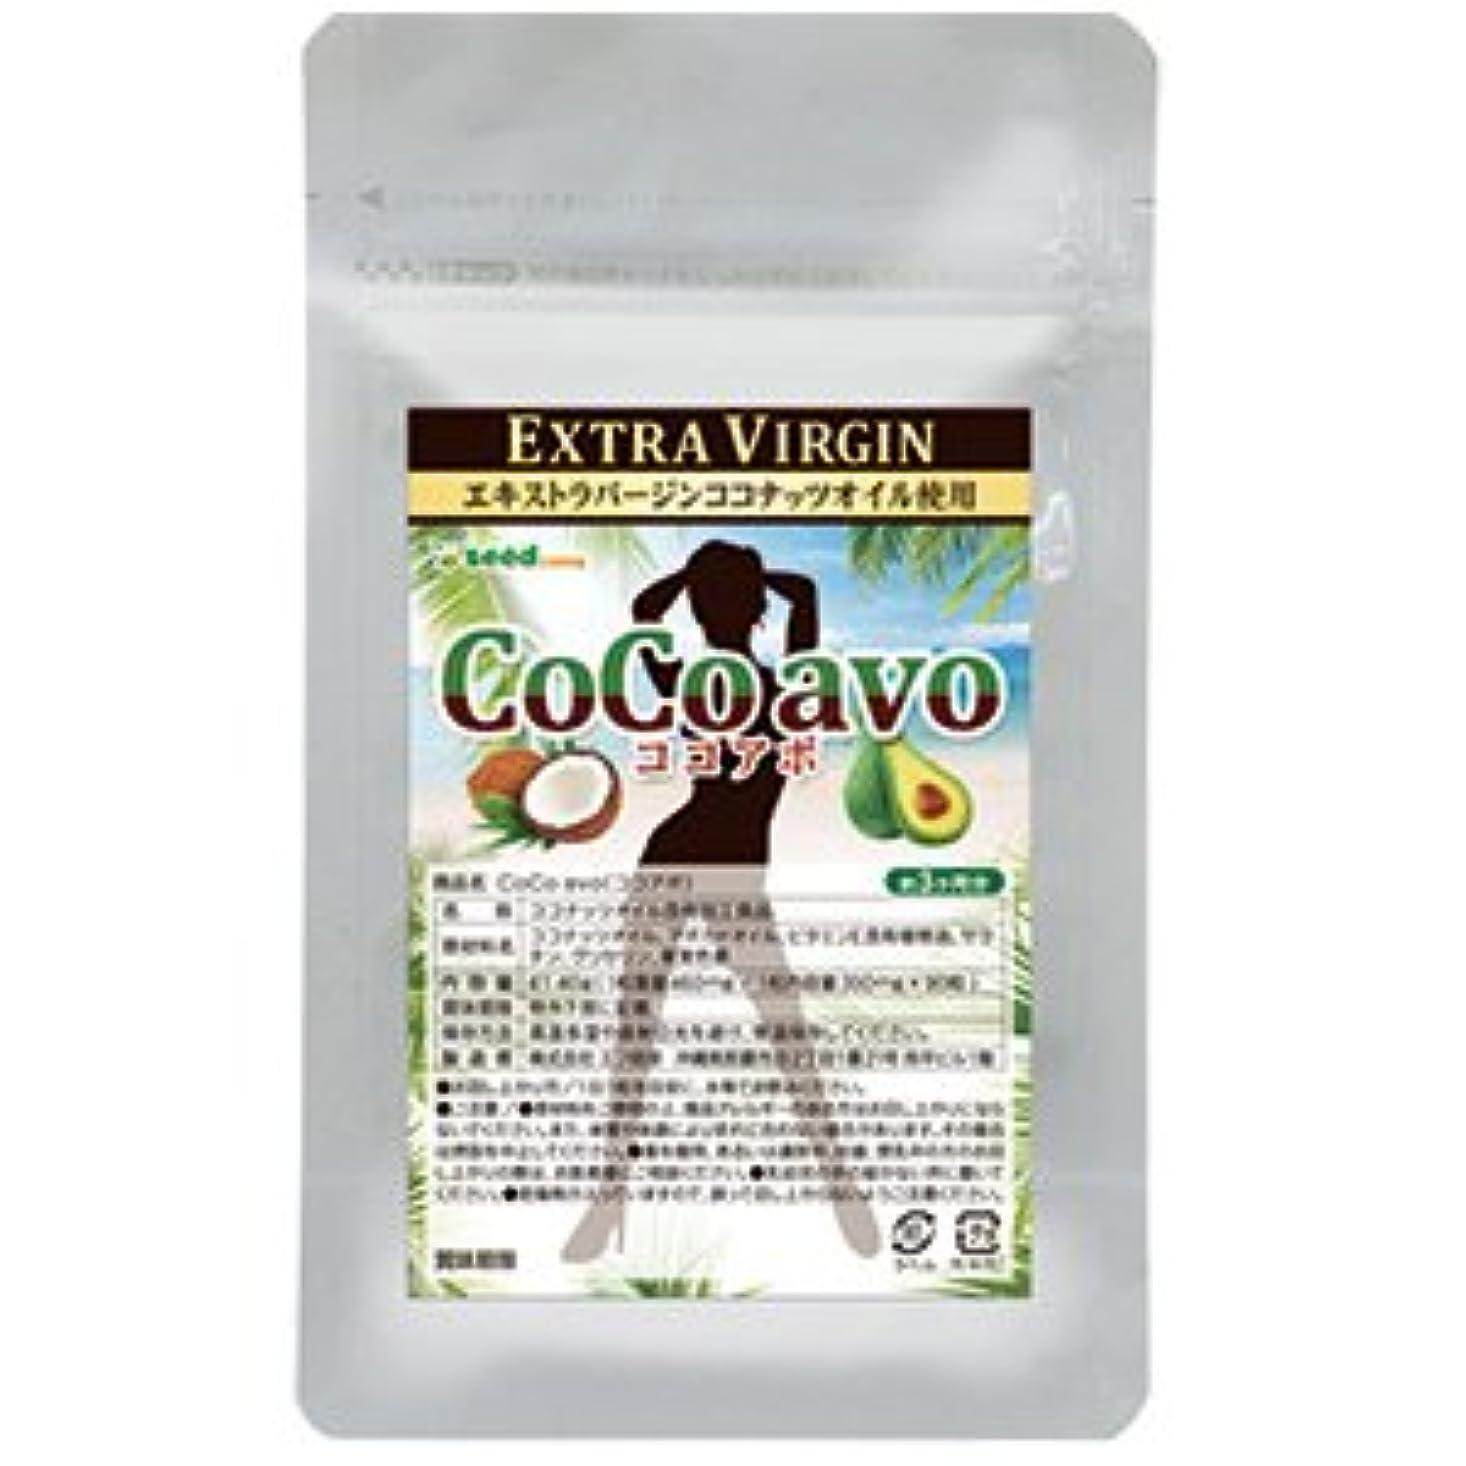 担保彼は舌なシードコムス seedcoms エキストラバージン ココナッツオイル&アボカドオイル Cocoavoココアボ 中鎖脂肪酸が豊富なエキストラバージンオイルを使ったココナッツオイルに美容果実アボカドをブレンド 約1ヶ月分 30粒